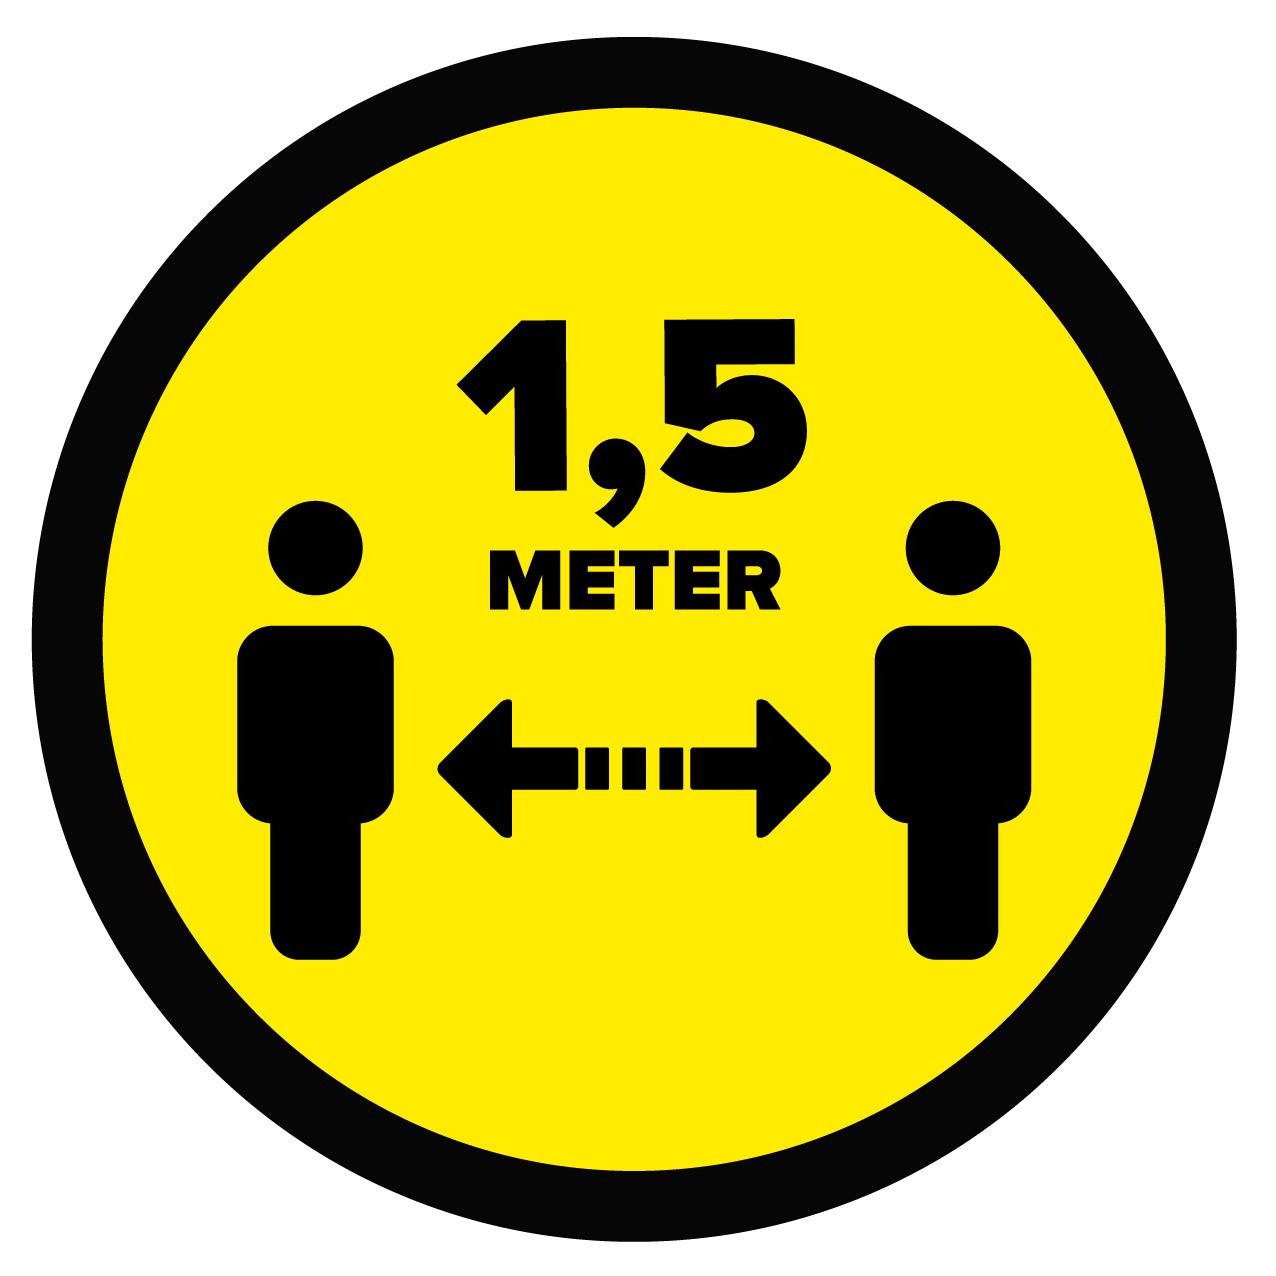 Vloersticker afstand bewaren 1,5 Meter (Rond) - Dr.Sticker